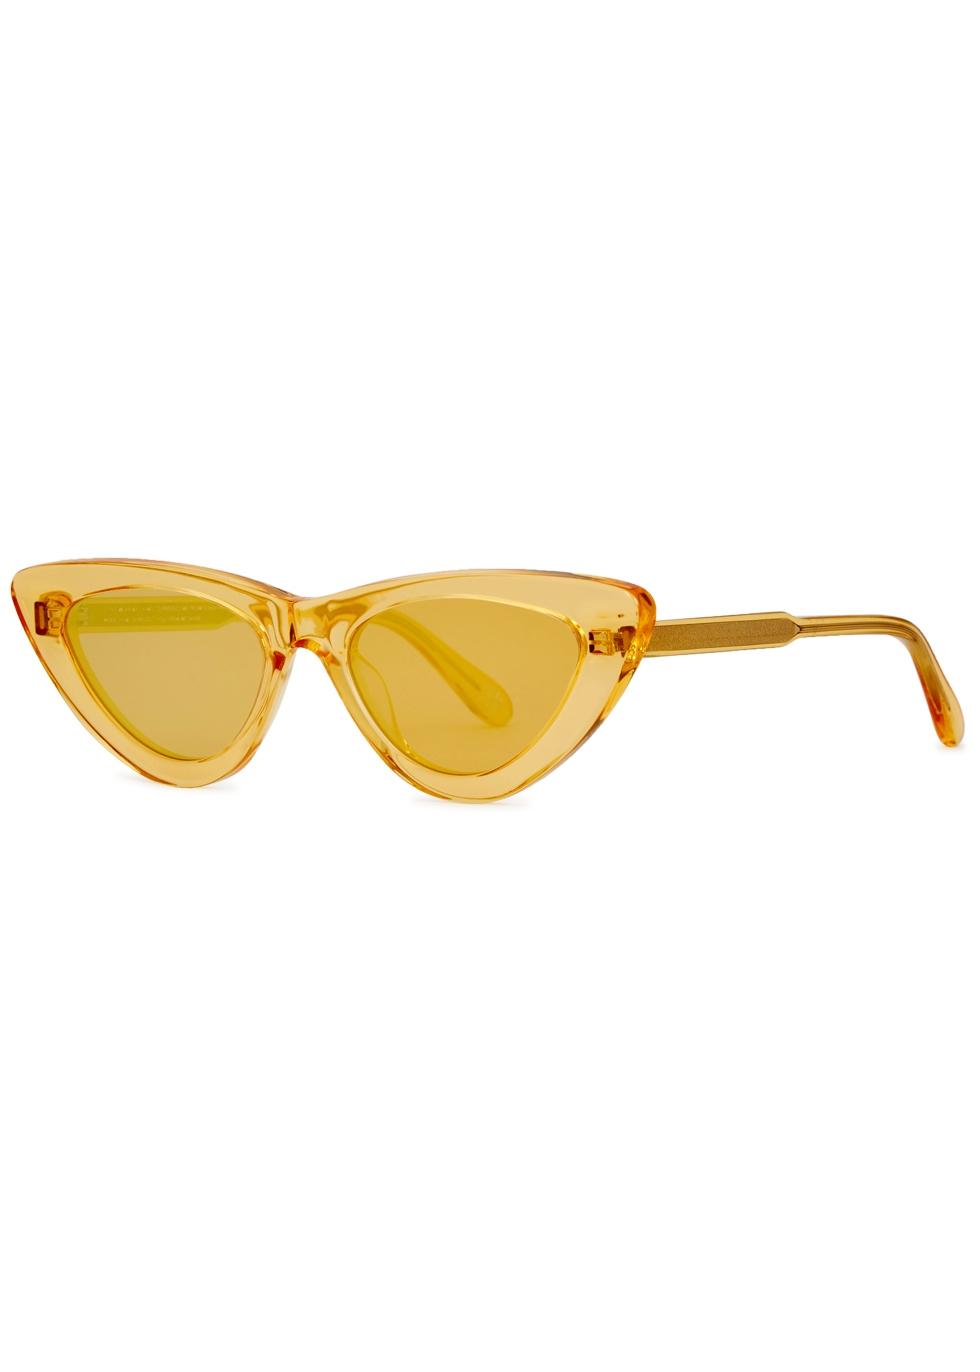 CHIMI 006 Yellow Cat-Eye Sunglasses